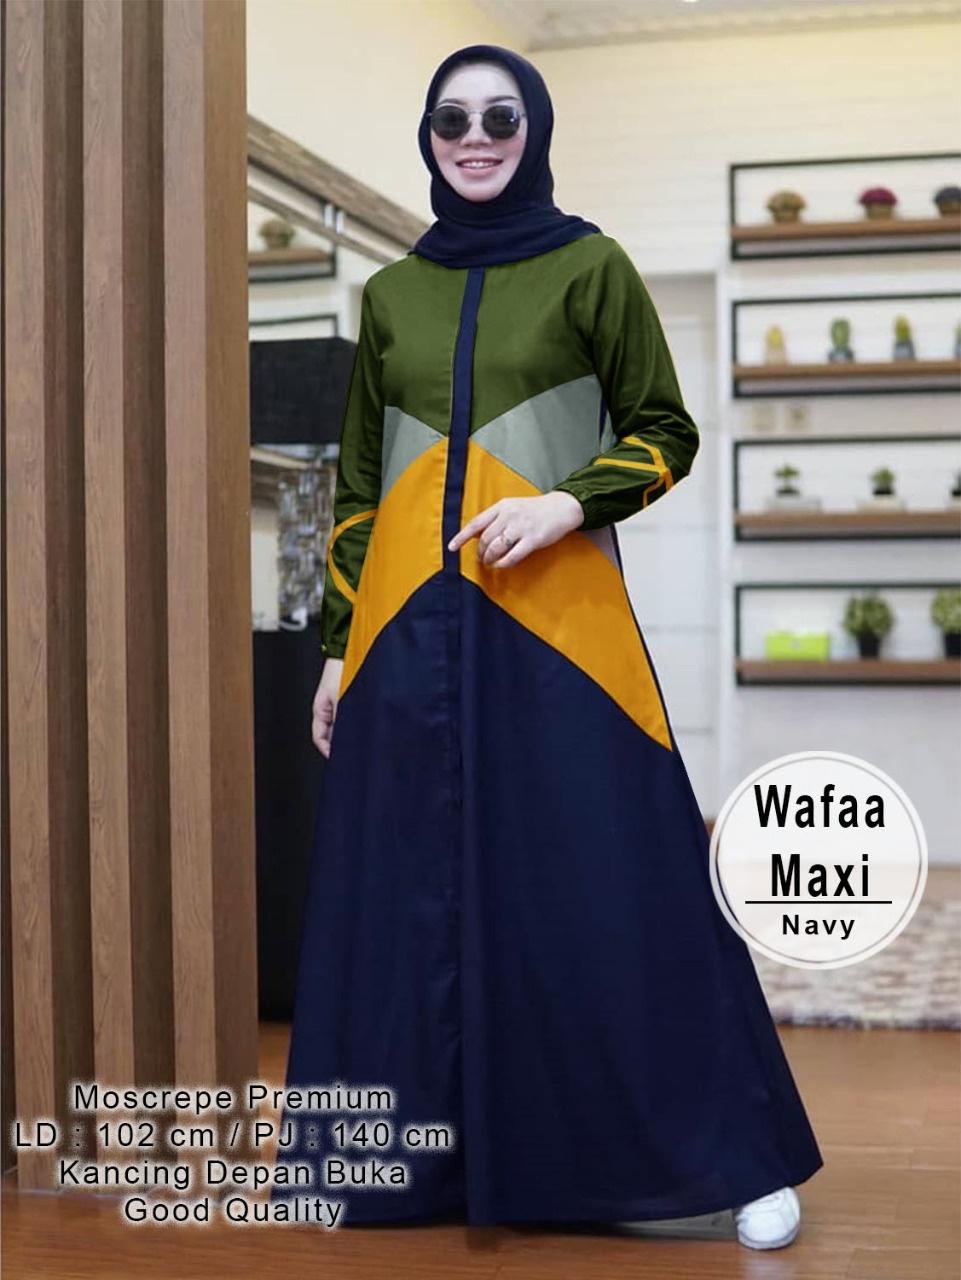 QWFashion11-COD-us-jubah wanita model terbaru 11-baju gamis wanita terbaru  11-baju gamis model terbaru-baju muslim wanita gamis-baju gamis remaja